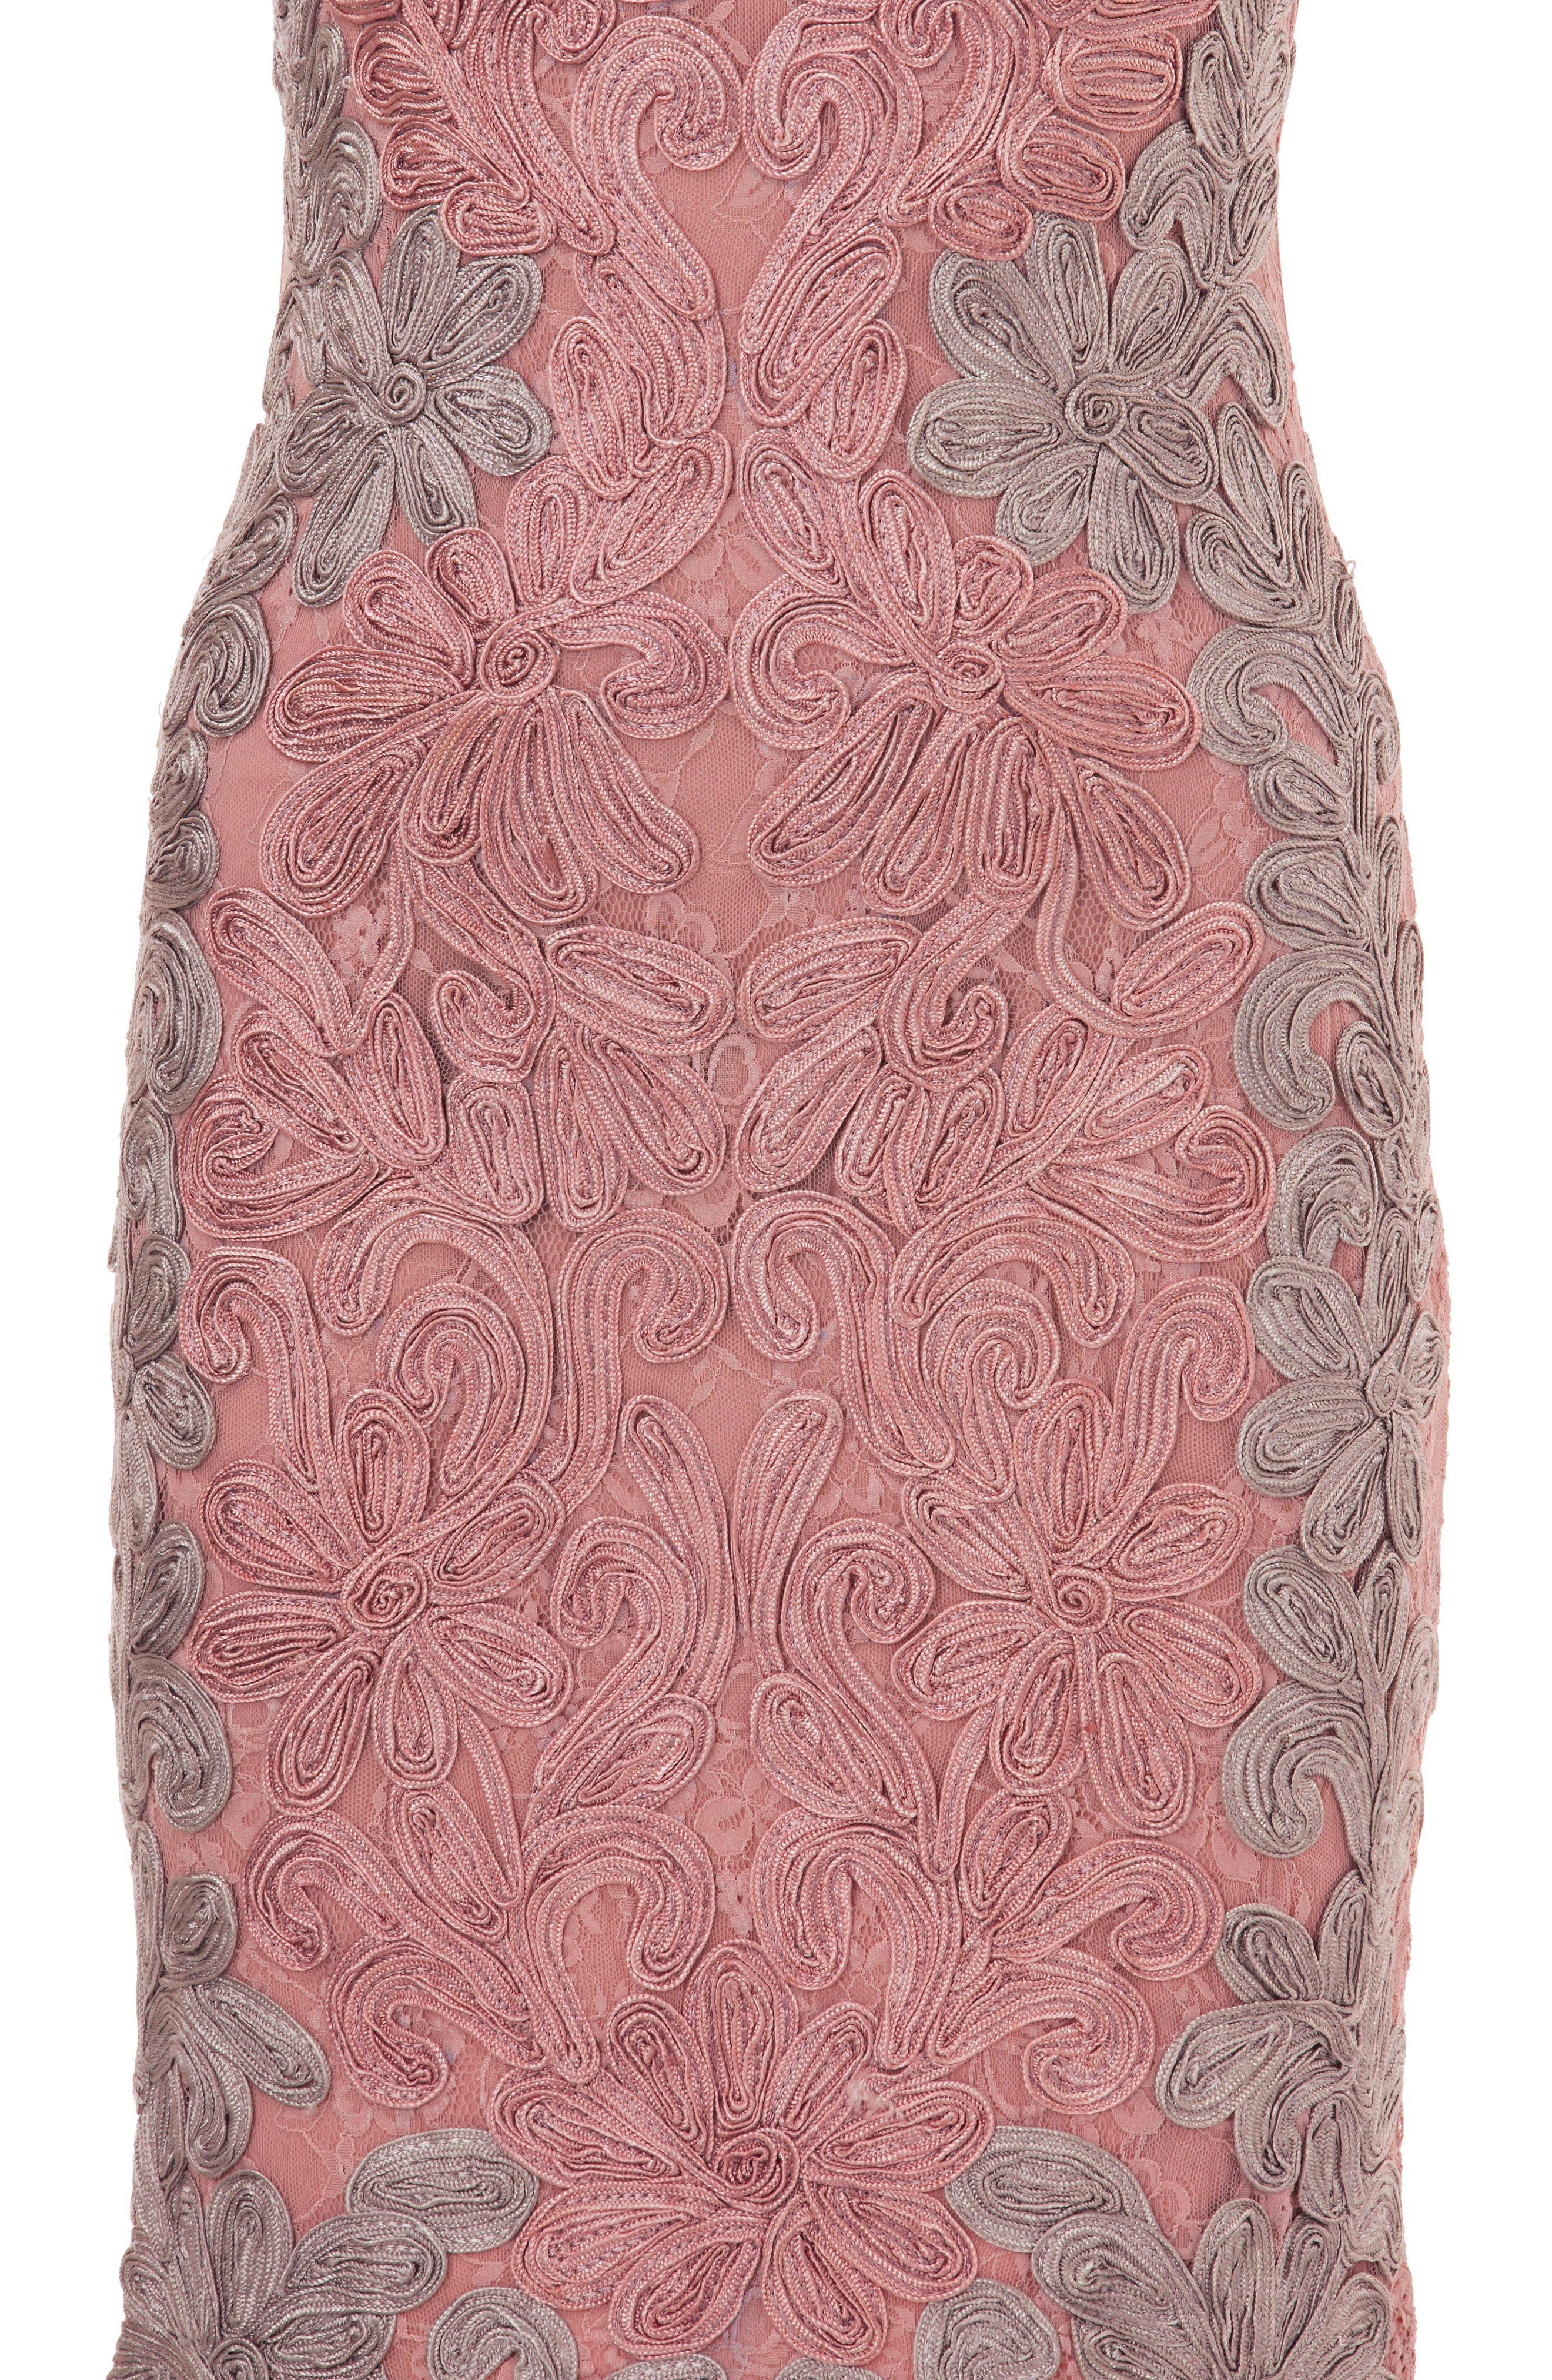 Contrast Soutache Sheath Dress,                             Alternate thumbnail 3, color,                             Pink/ Taupe